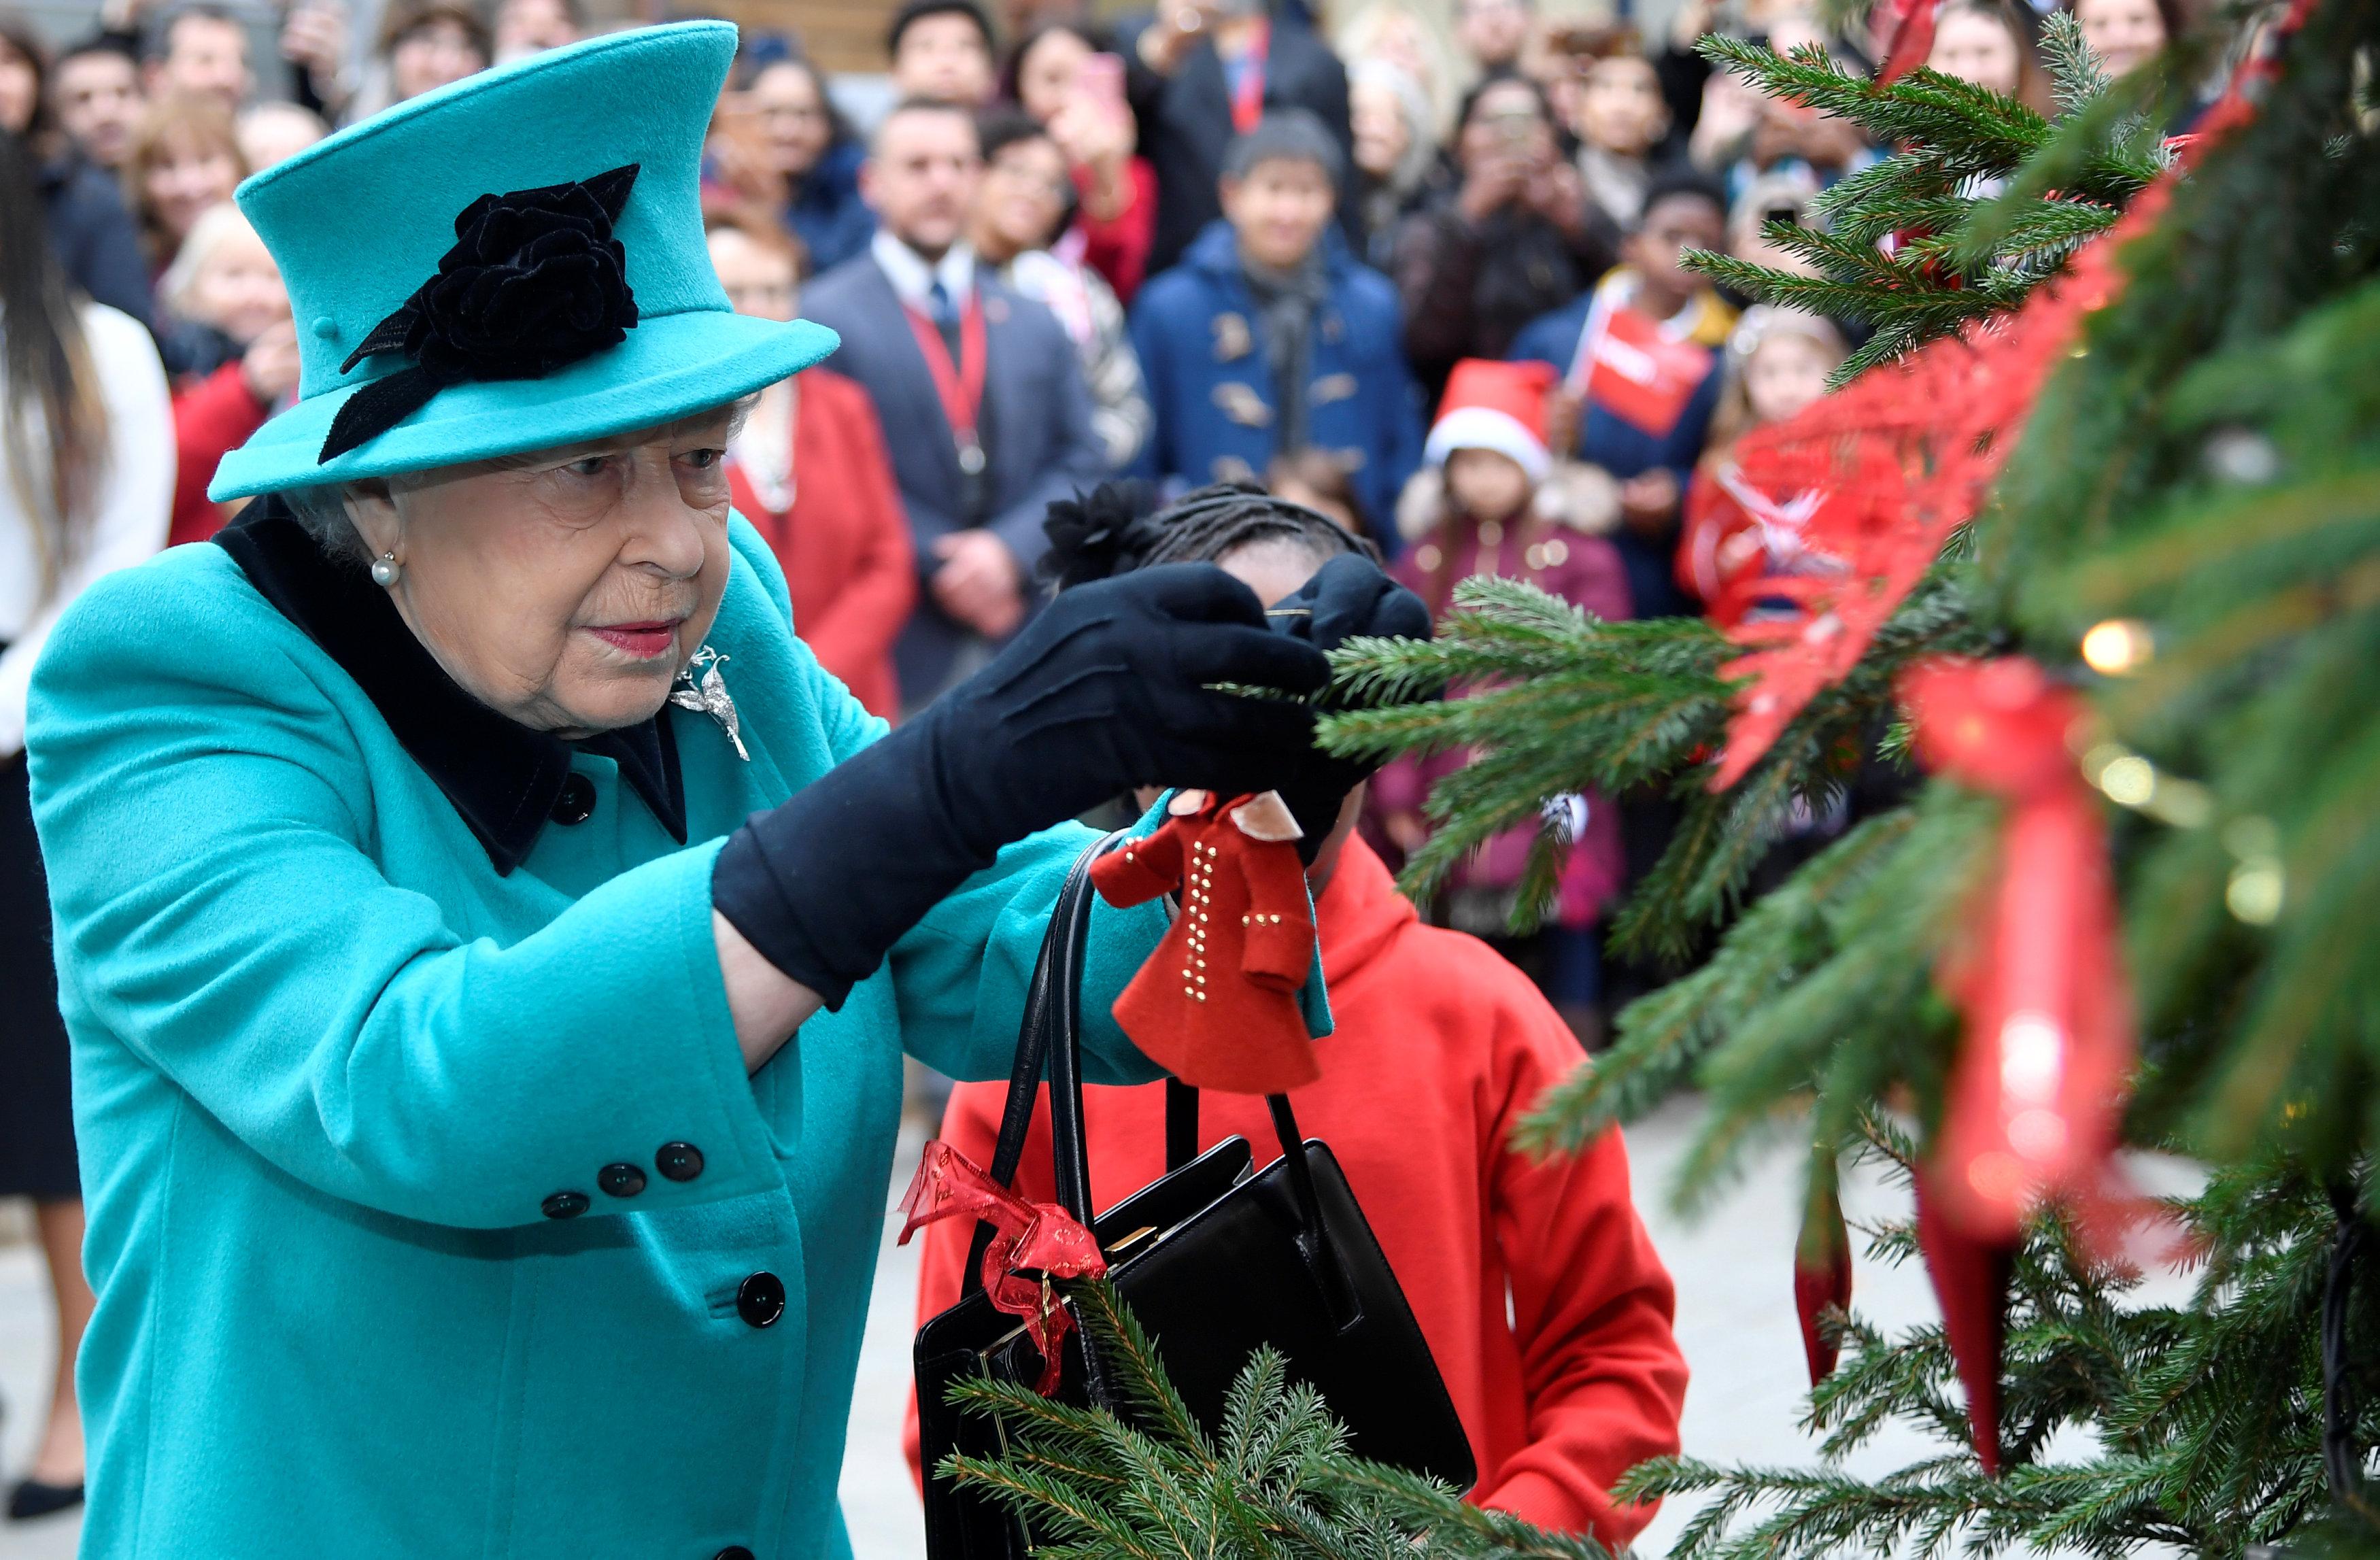 <p><strong>3.&nbsp;Кралицата и принц Филип даряват коледни дървета на училища в Сандрингам</strong></p>  <p>Тази традиция датира от времето на кралица Виктория и принц Алберт, които подарявали елхи на местни училища. Елизабет II дарява елхи също и на Уестминстърското абатство, на катедралата &bdquo;Св. Павел&ldquo; в Лондон, както и на две катедрали в Единбург, Шотландия.</p>